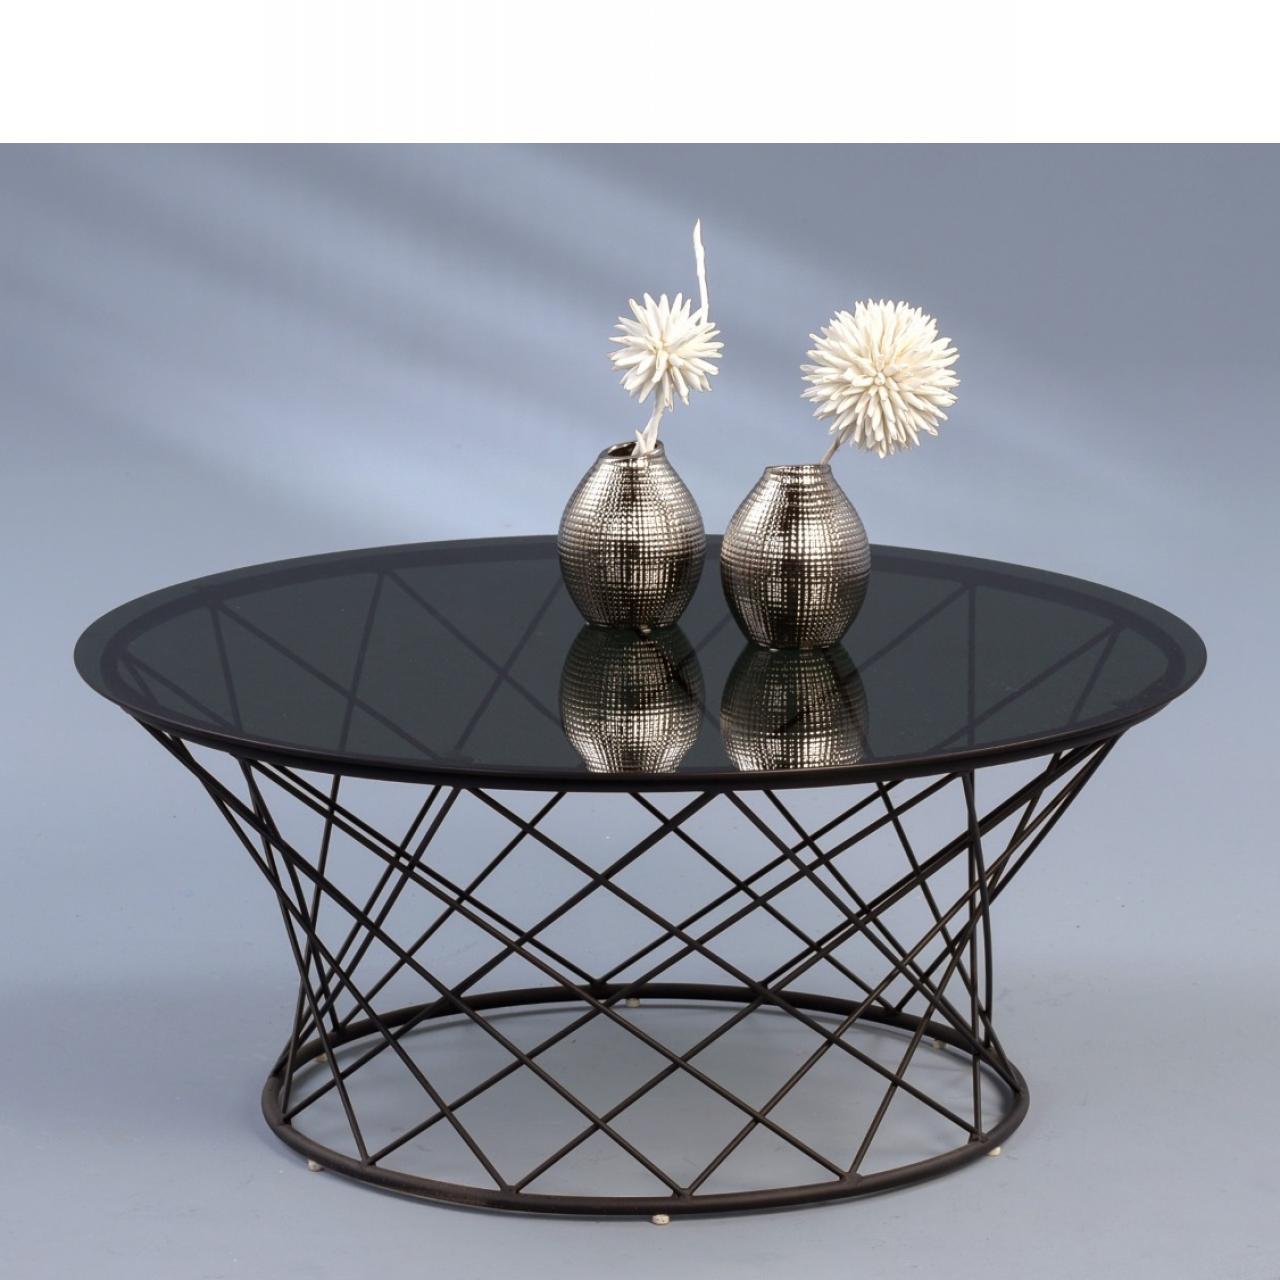 Couchtisch Noa schwarz/grau rund Glasplatte Metallgestell 80 cm